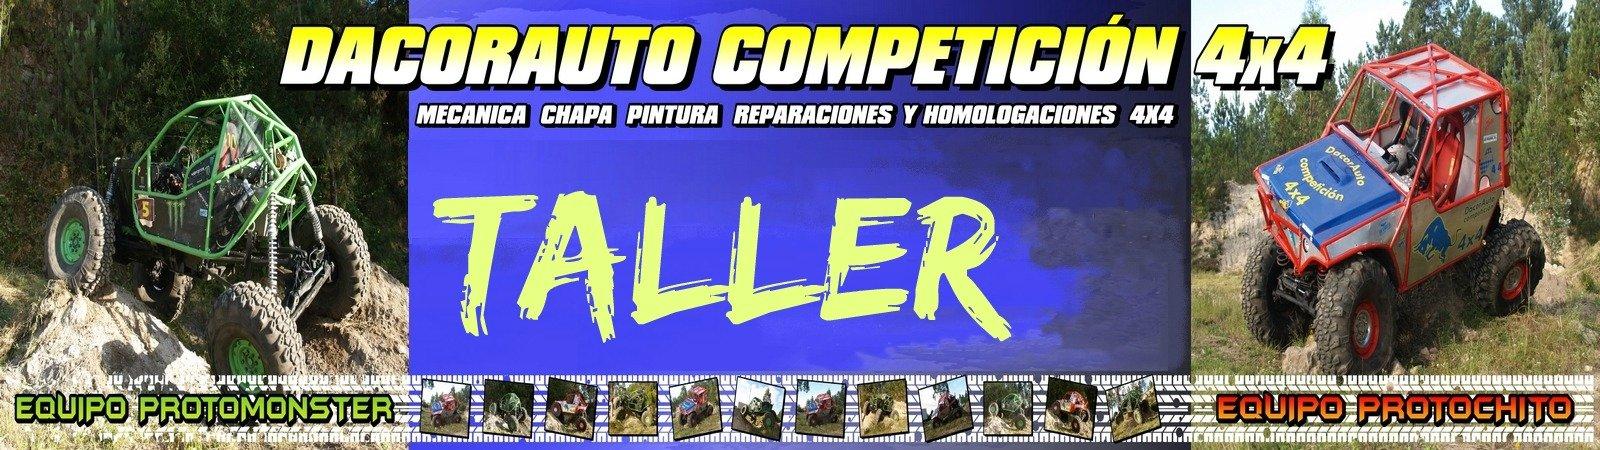 4x4 EN A CORUÑA. TALLER DE 4X4 EN GALICIA. EL MEJOR TALLER MÉCANICO EN A CORUÑA. TUNING EN A CORUÑA